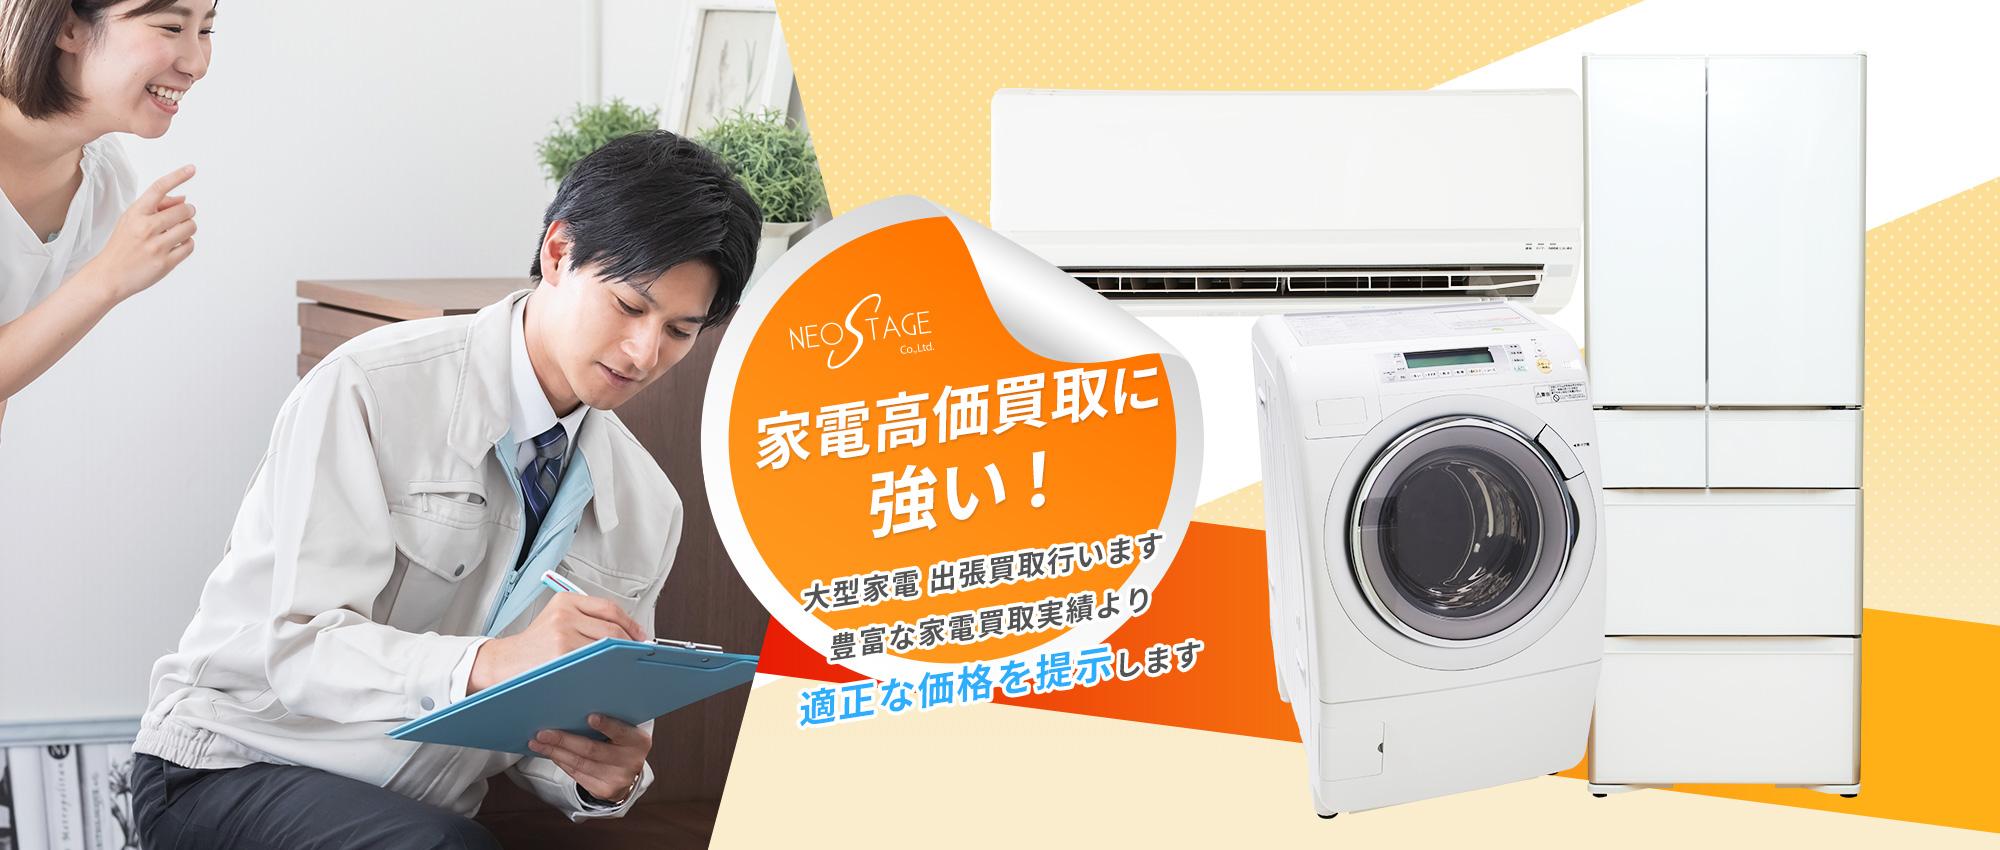 家電高価買取に強い!